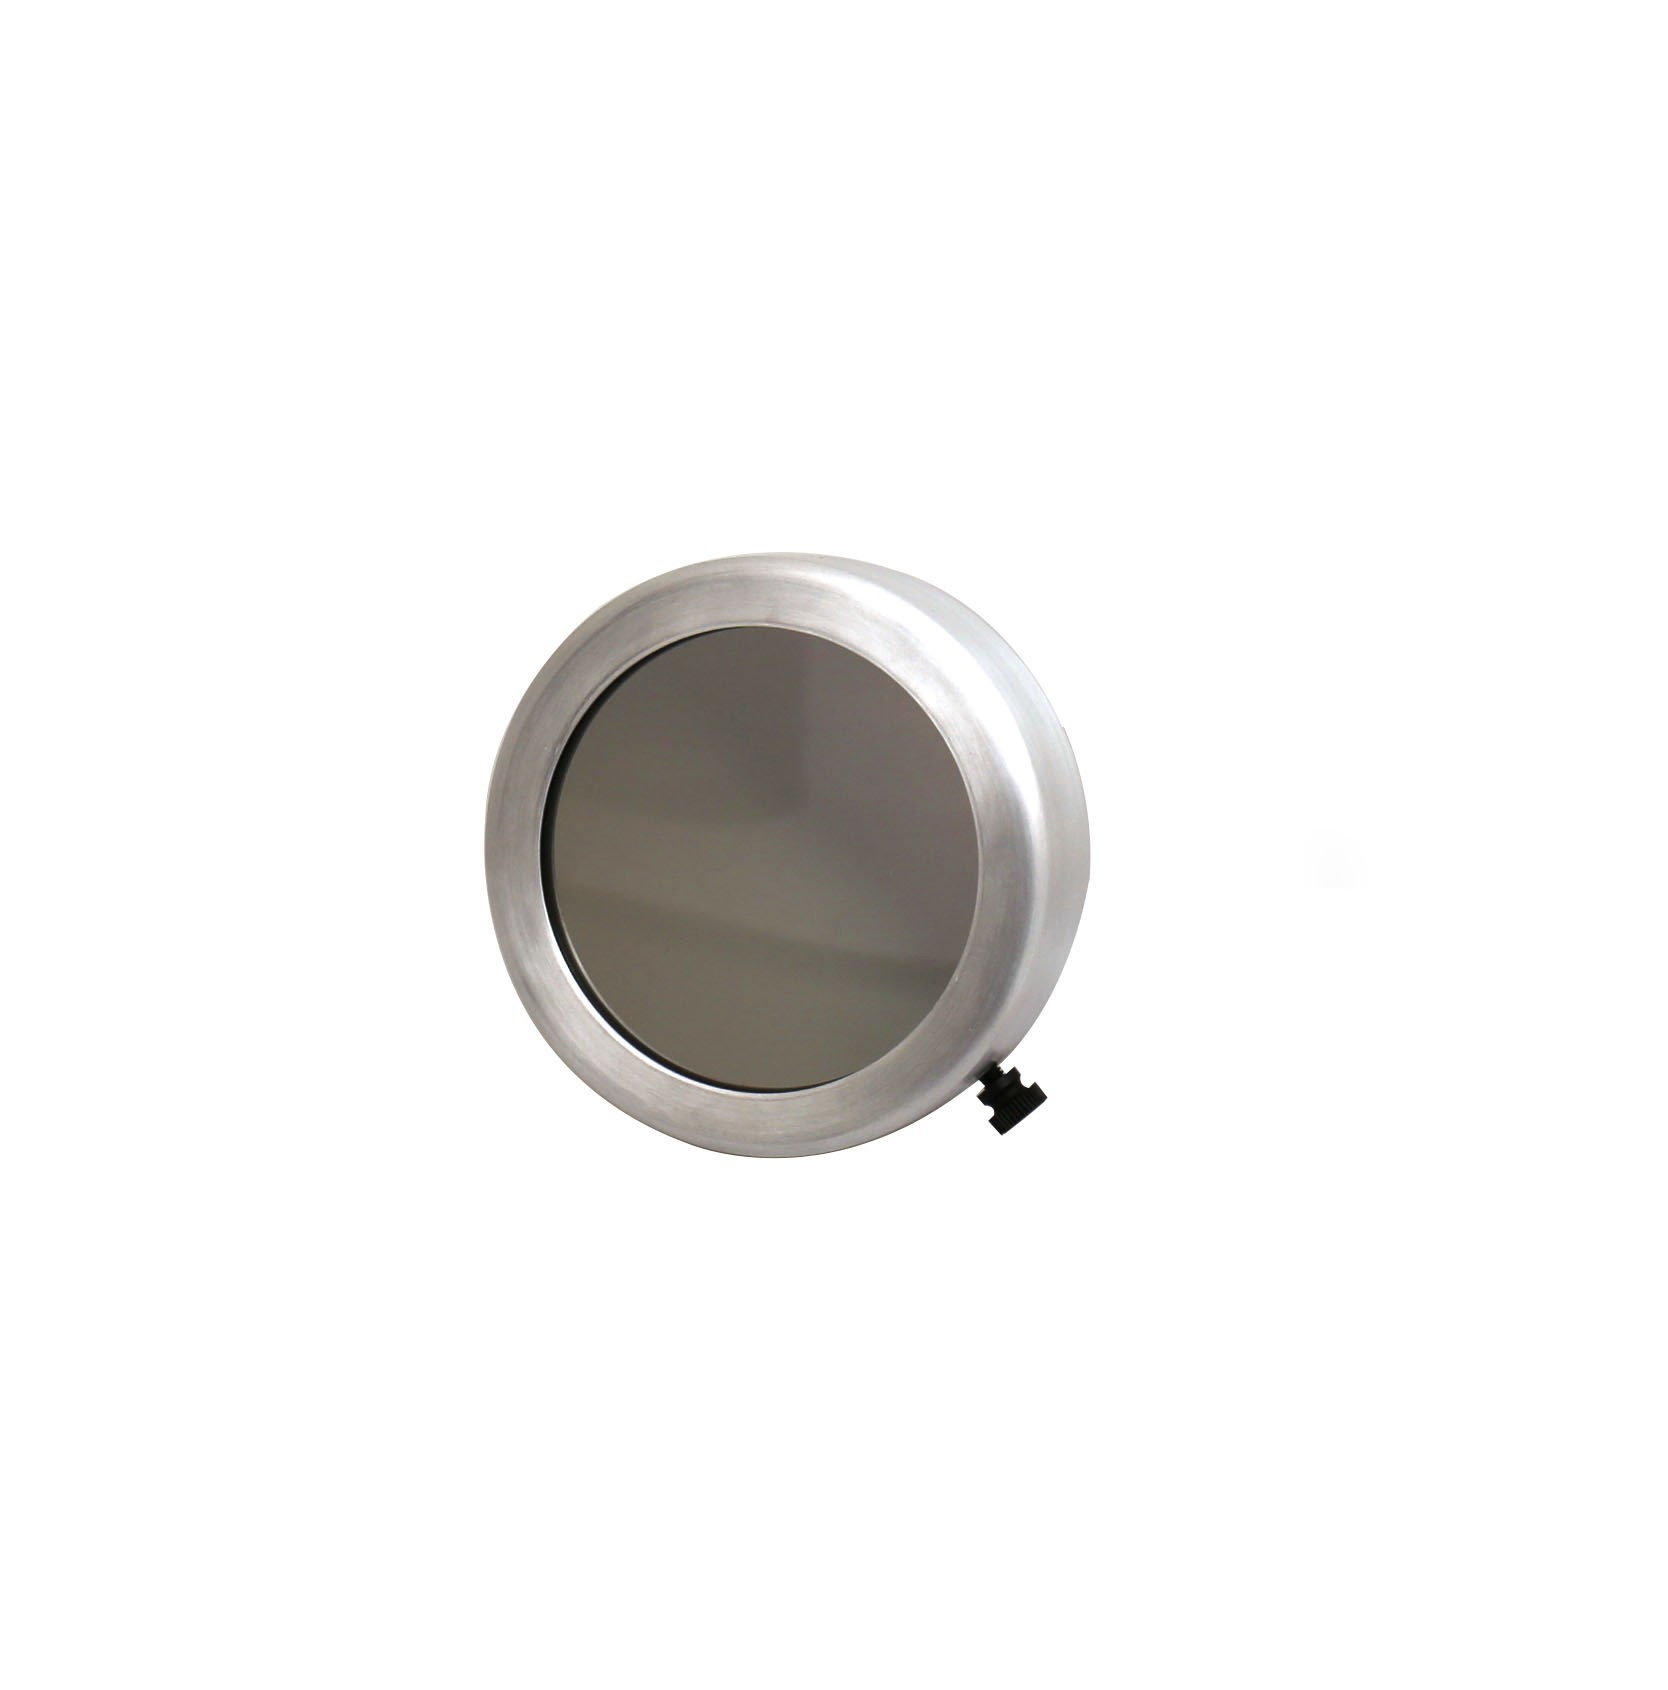 Meade Glass White-light Solar Filter #400